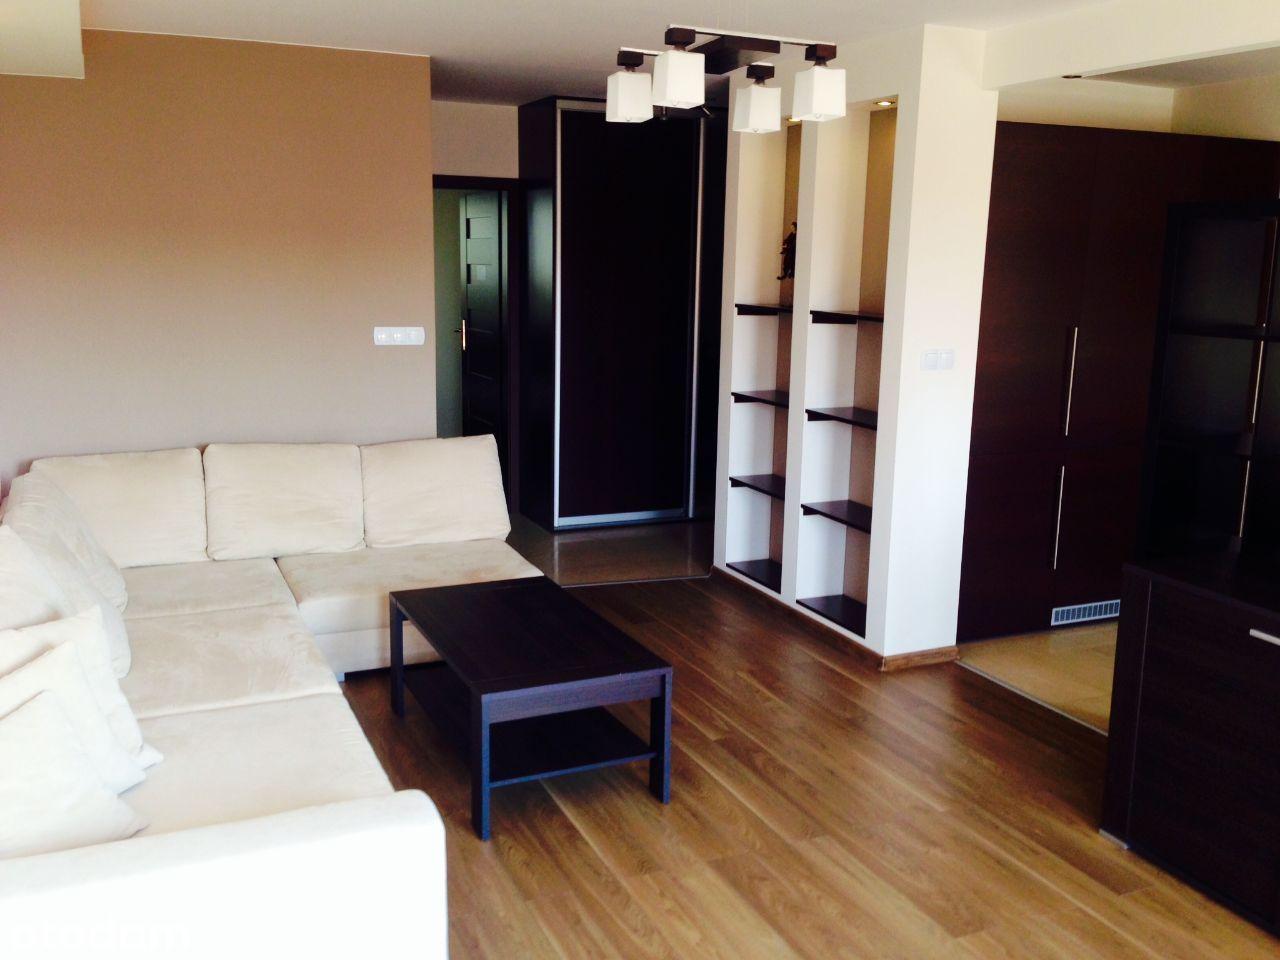 Wyjątkowe Mieszkanie, Super Lokalizacja.Pirenejska